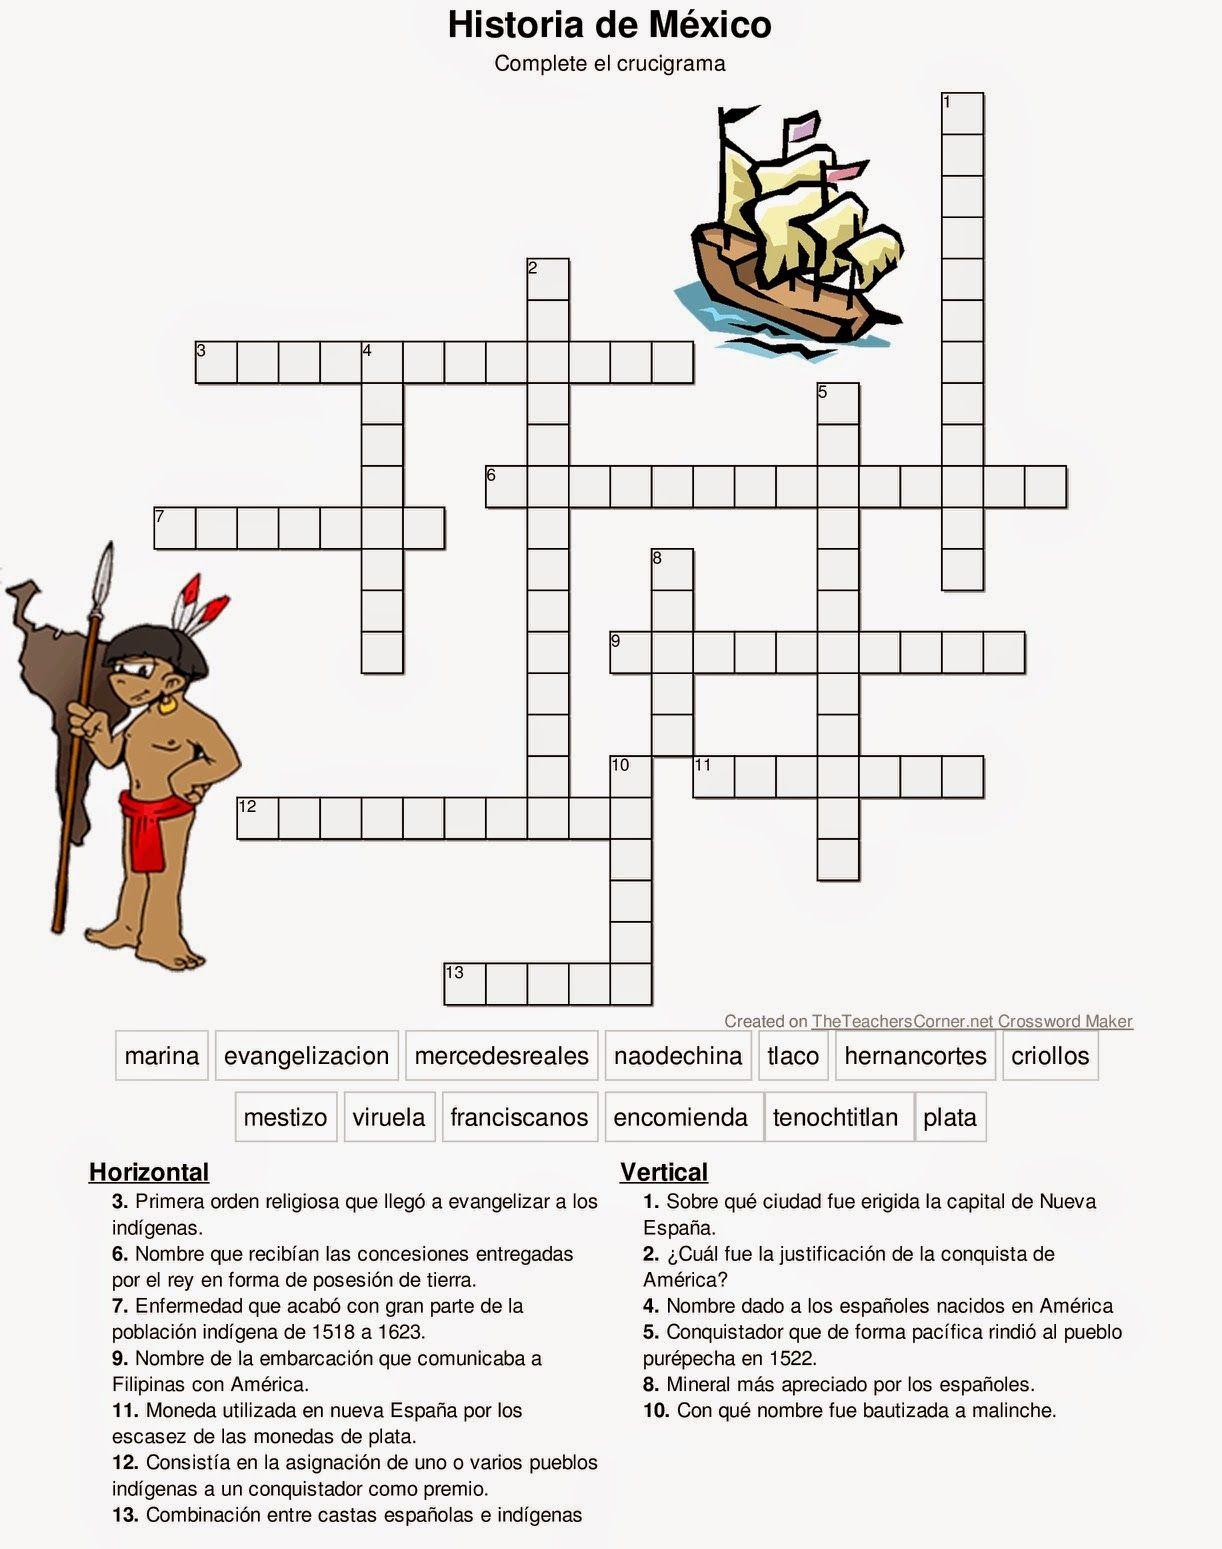 Historia De Mexico Crucigrama Expediciones Espanolas Y